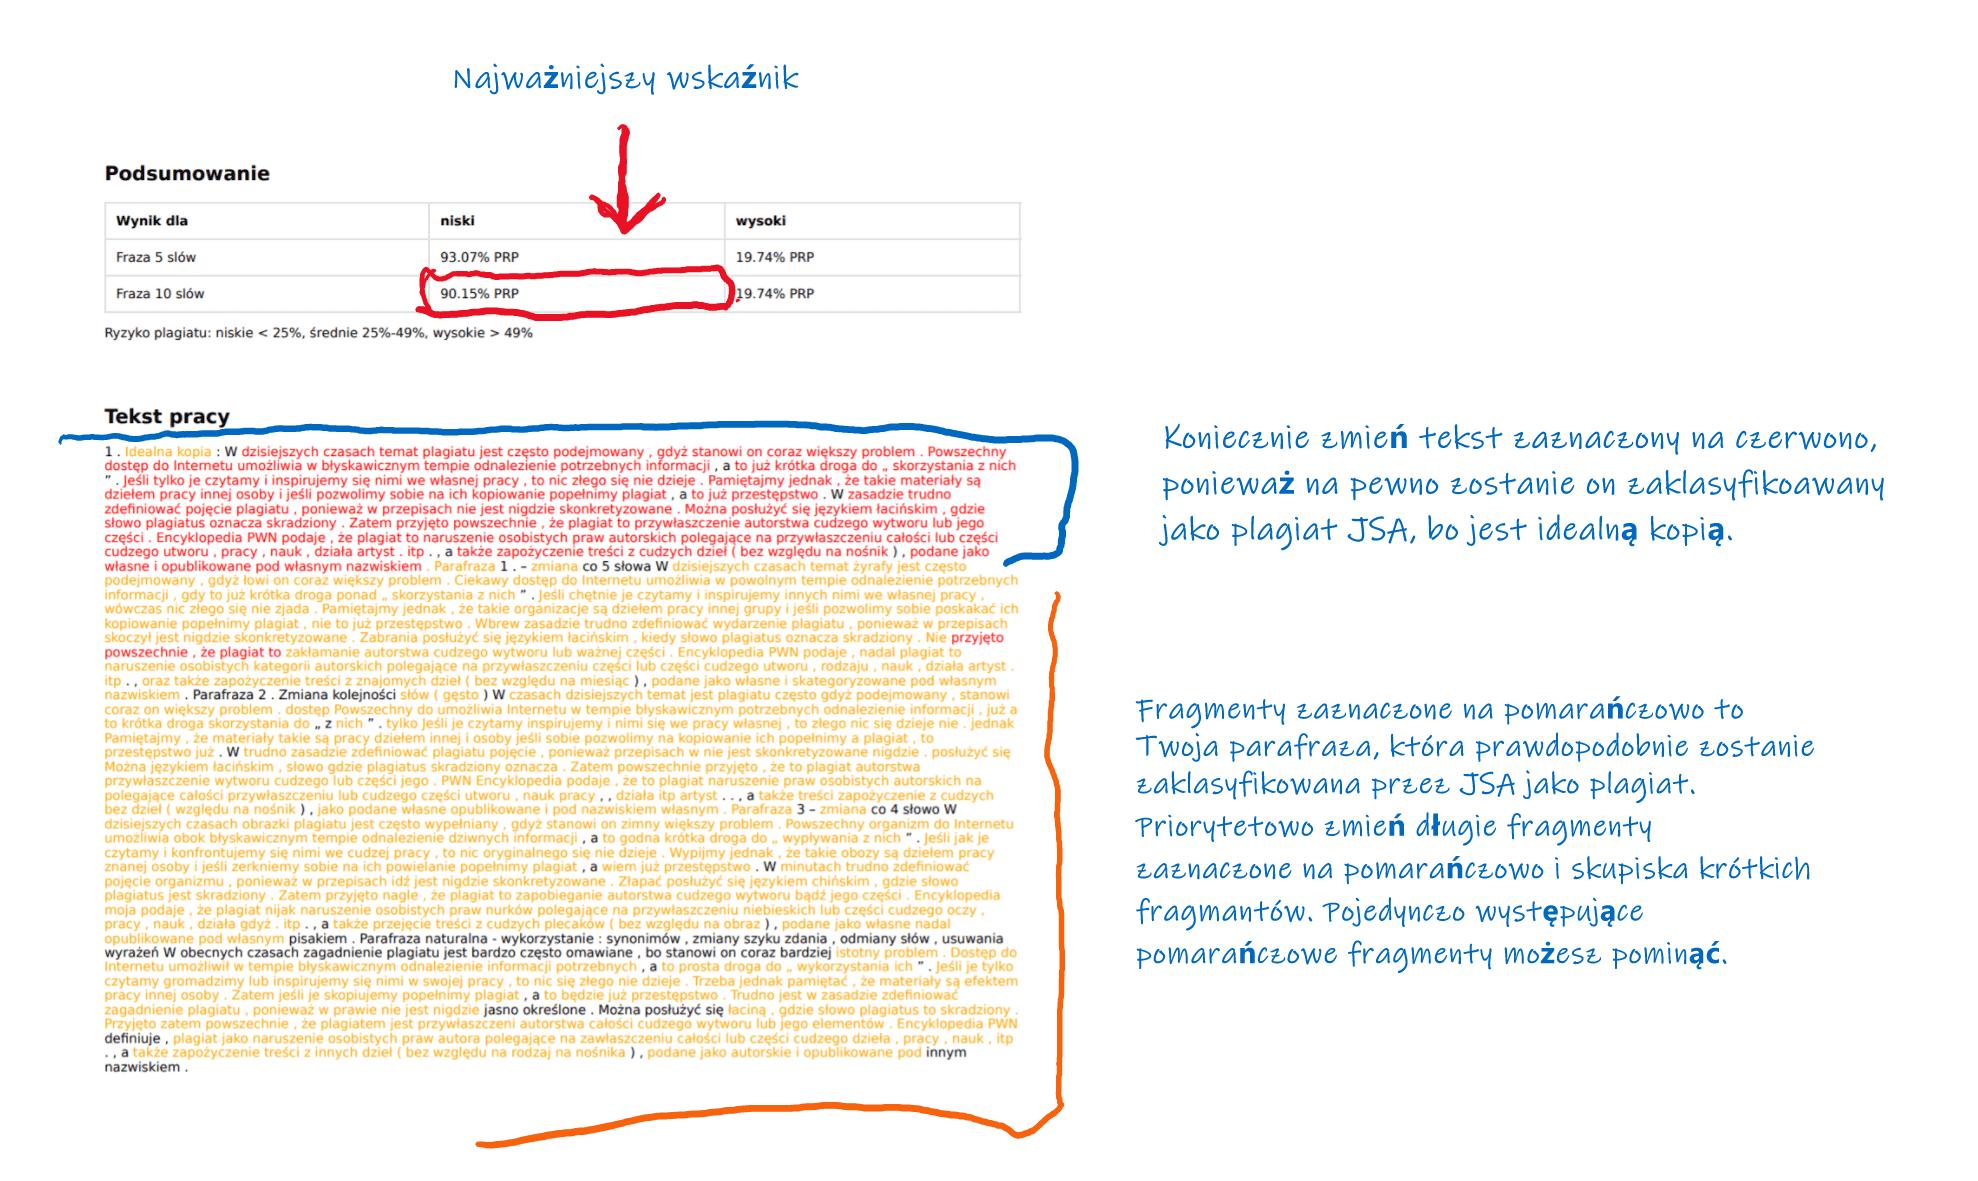 Informacja jak interpretować raport zprogramu antyplagiatowego Wrona